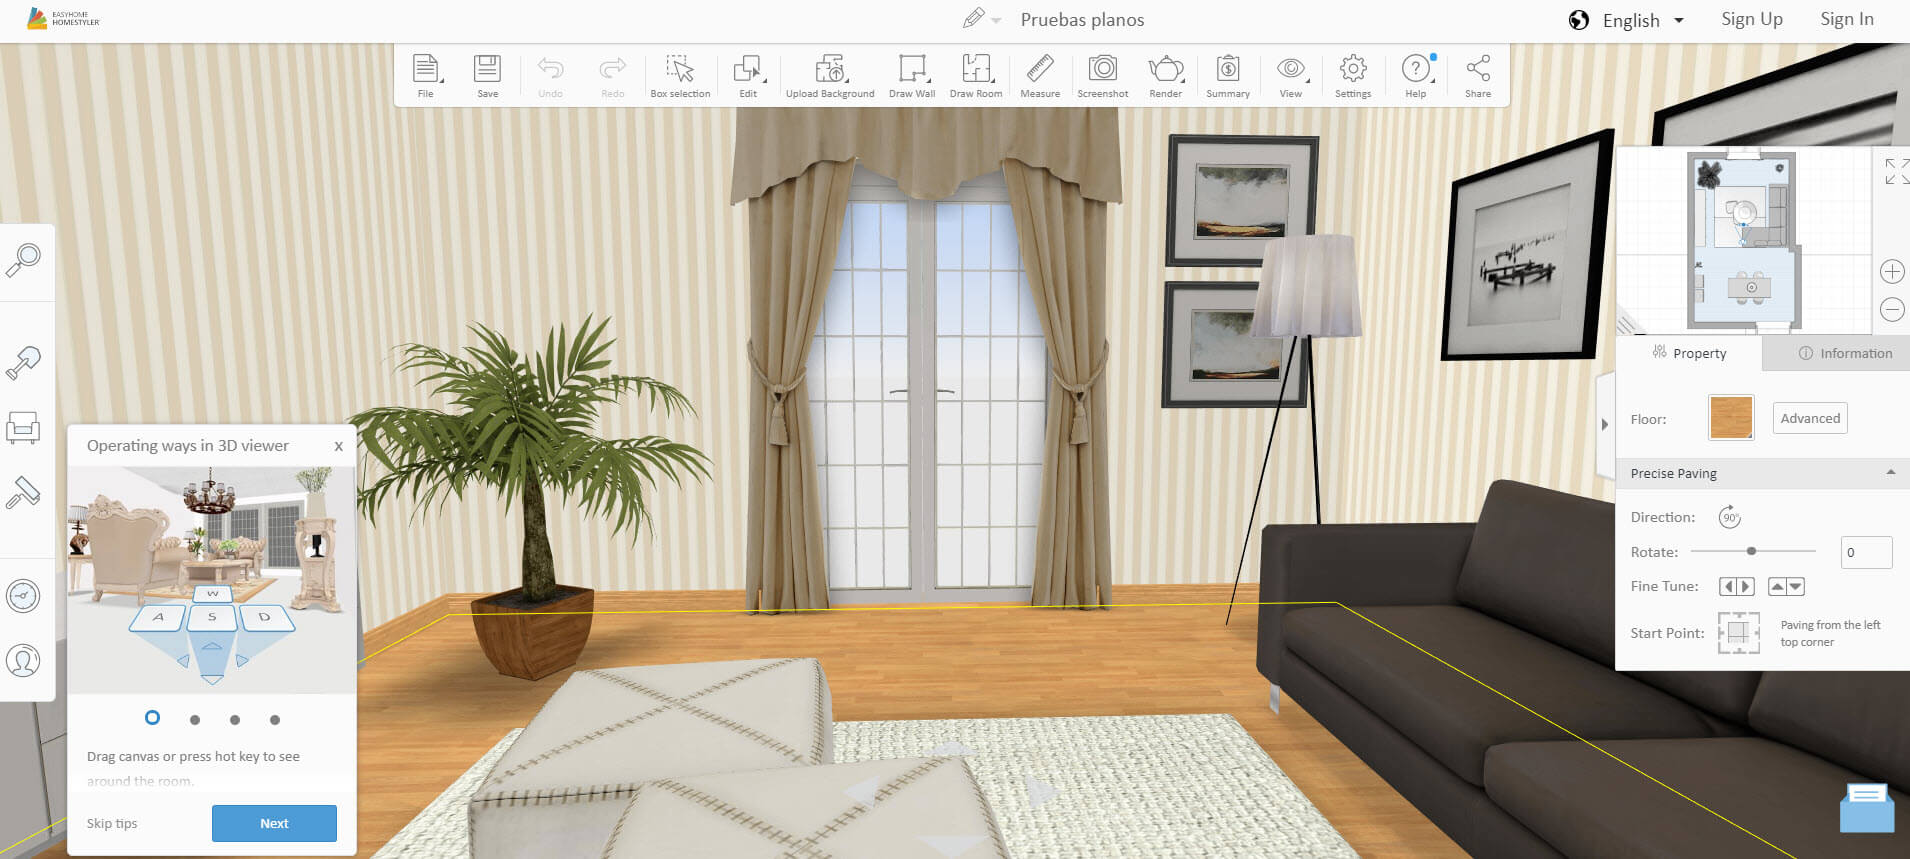 HomeStyler App For House Design